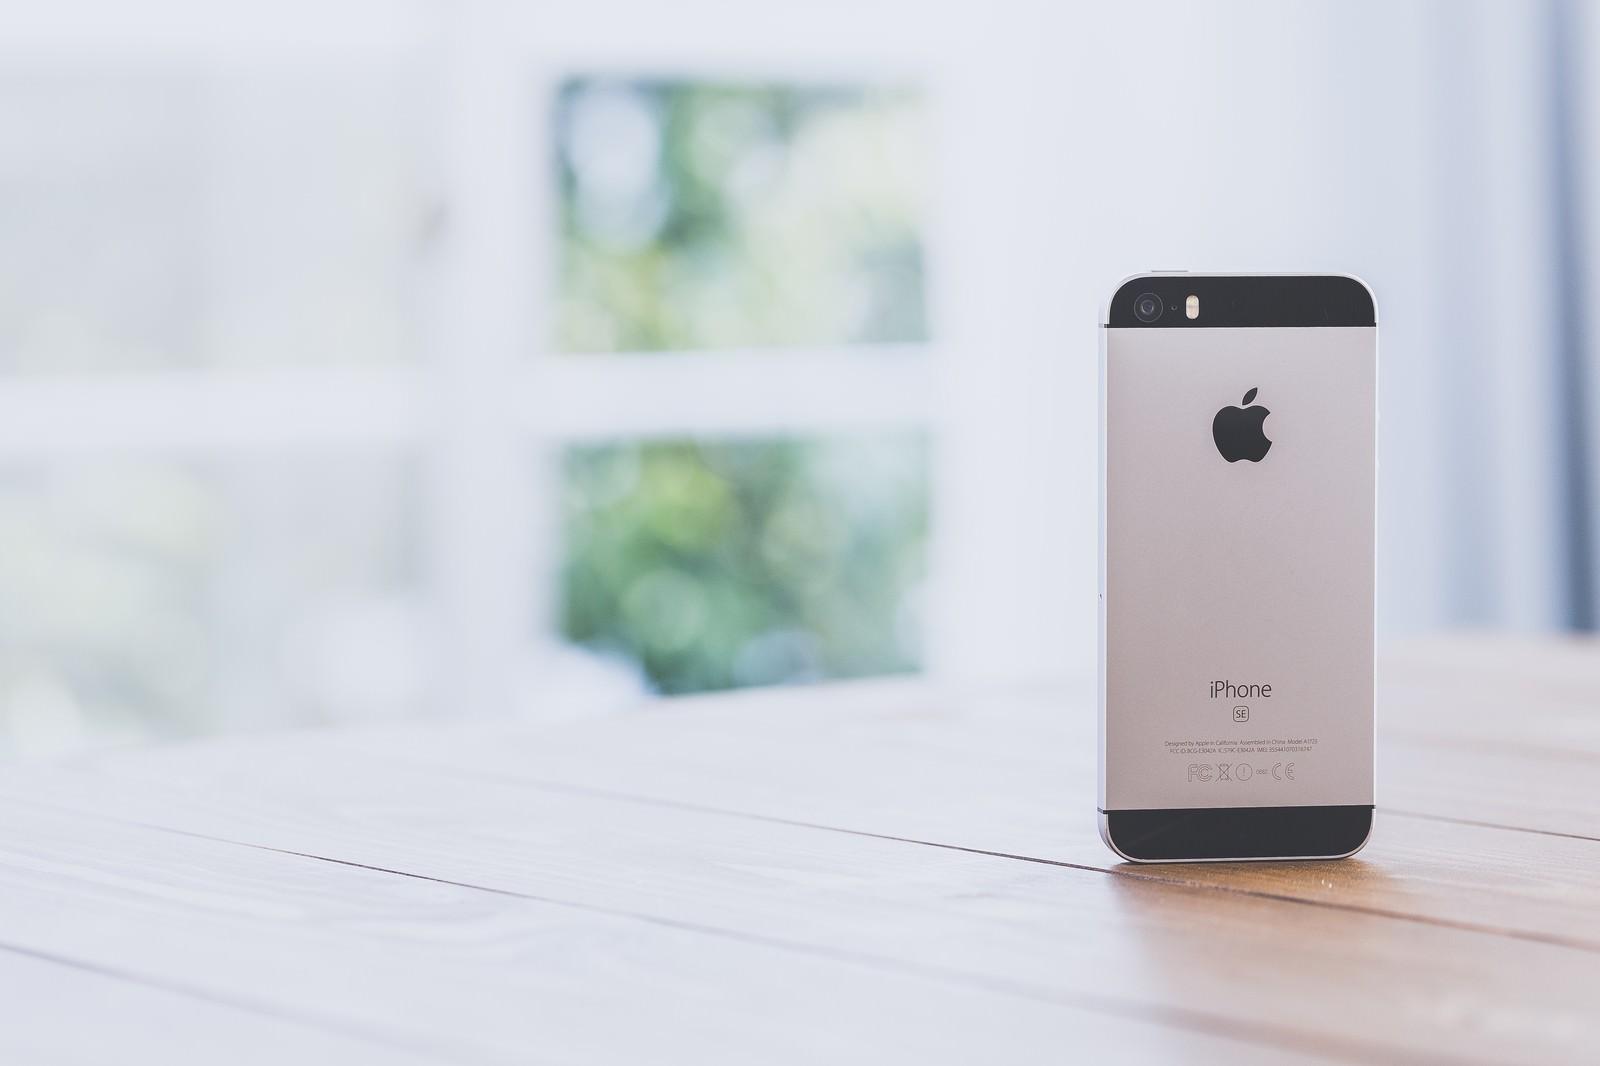 「窓辺とスマートフォン」の写真